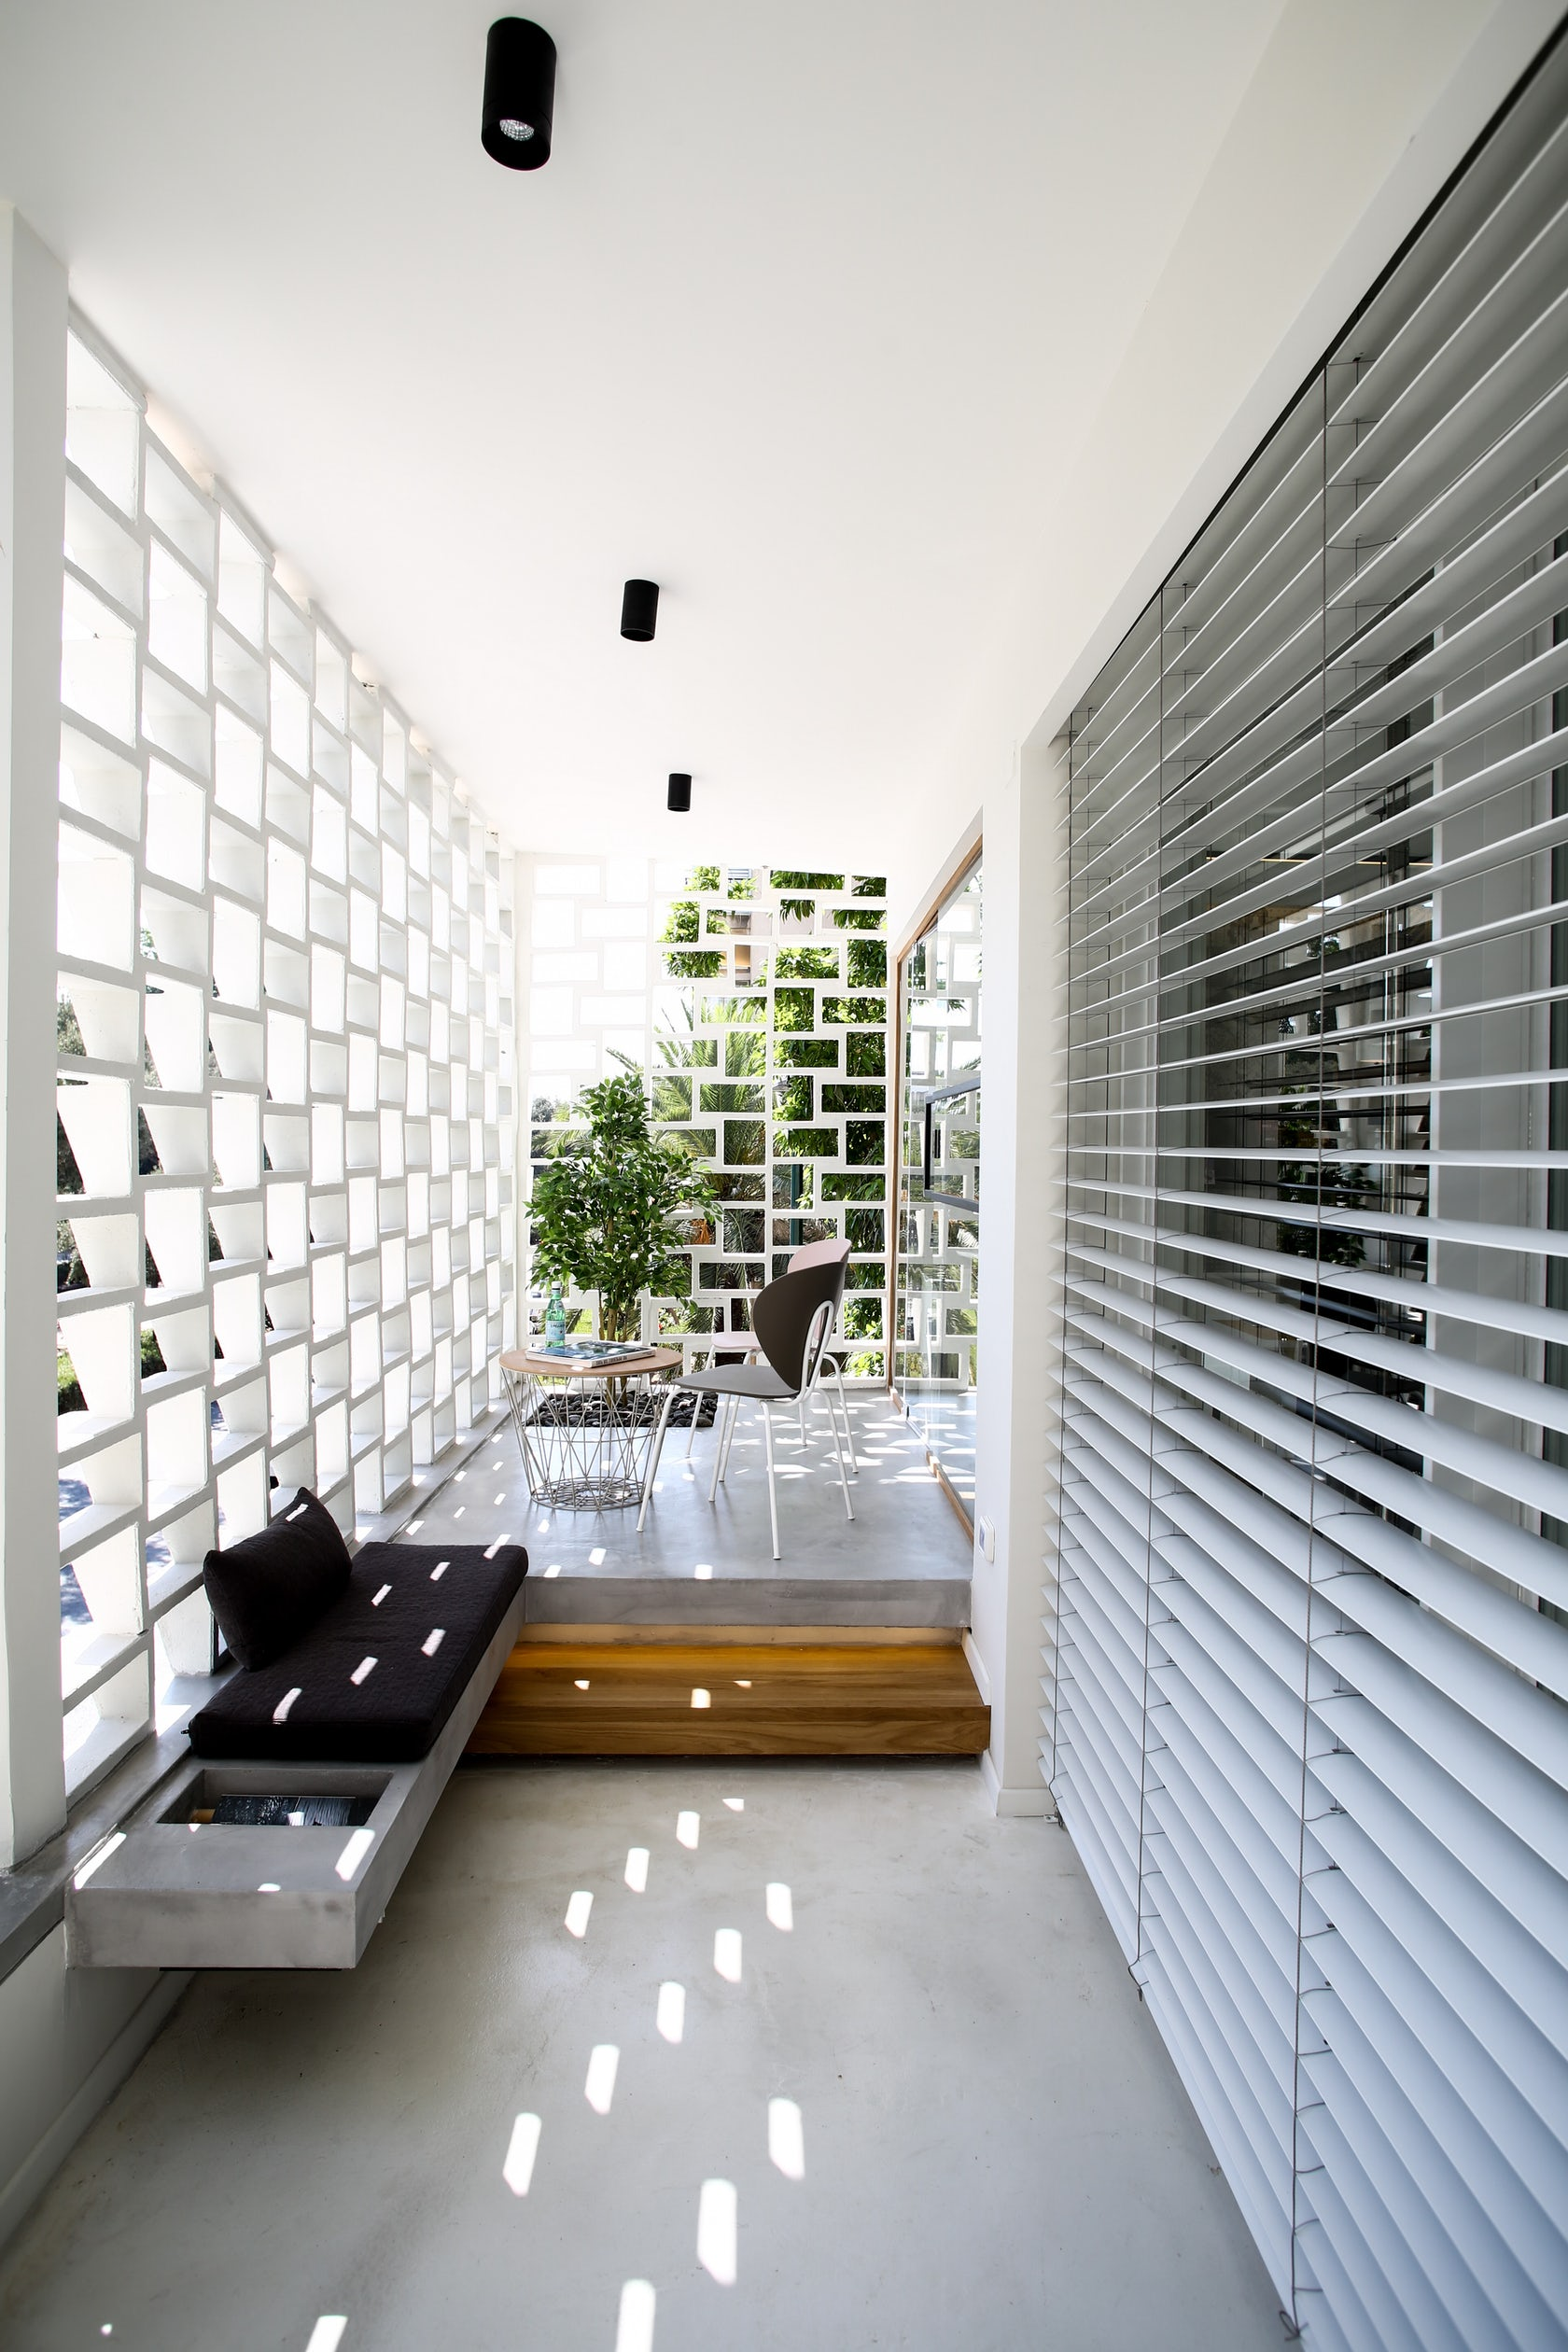 Ben gurion weisel apartment on architizer